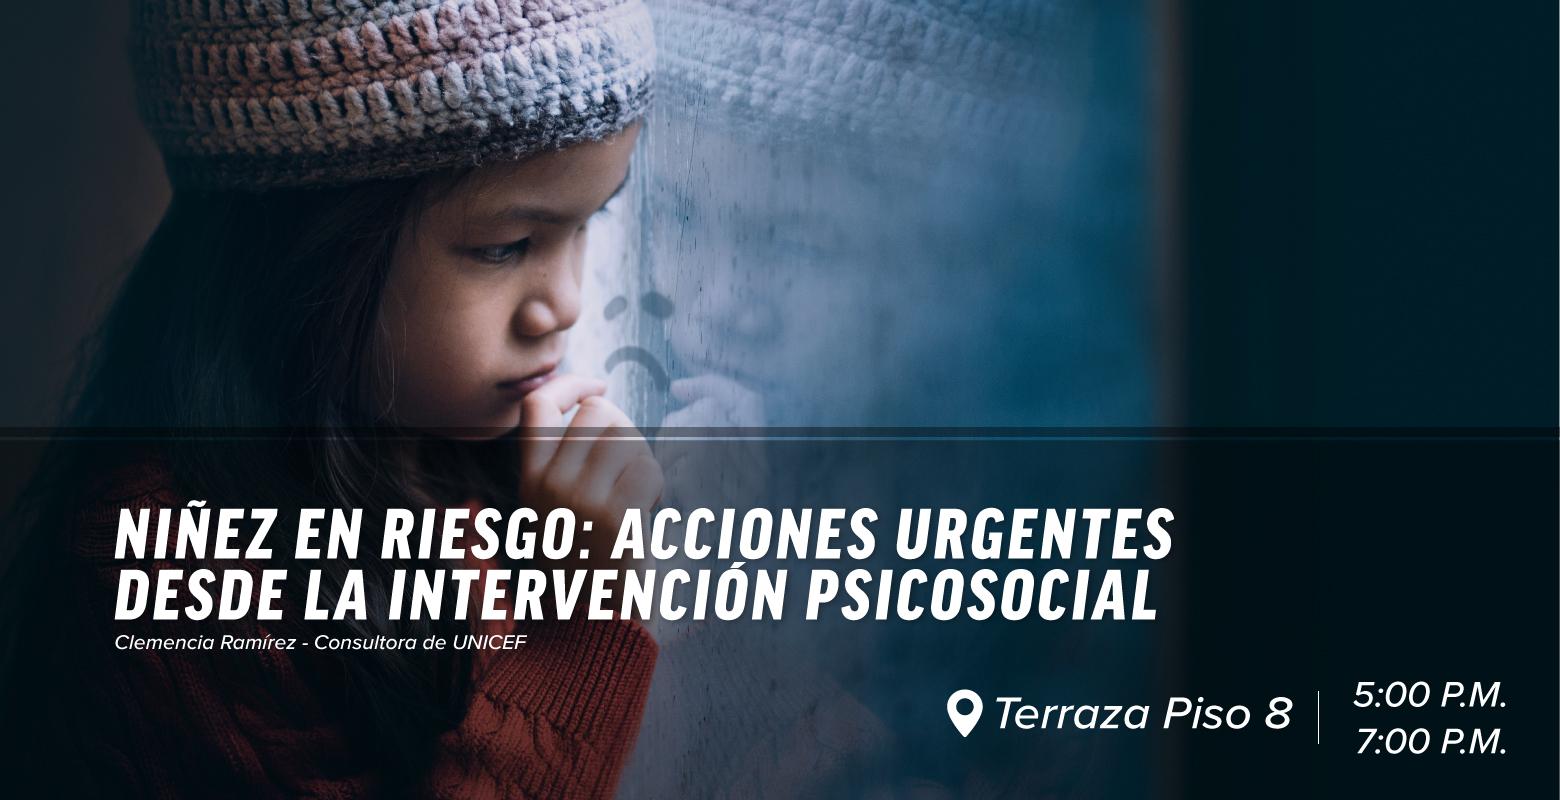 Niñez en riesgo: Acciones urgentes desde la intervención psicosocial